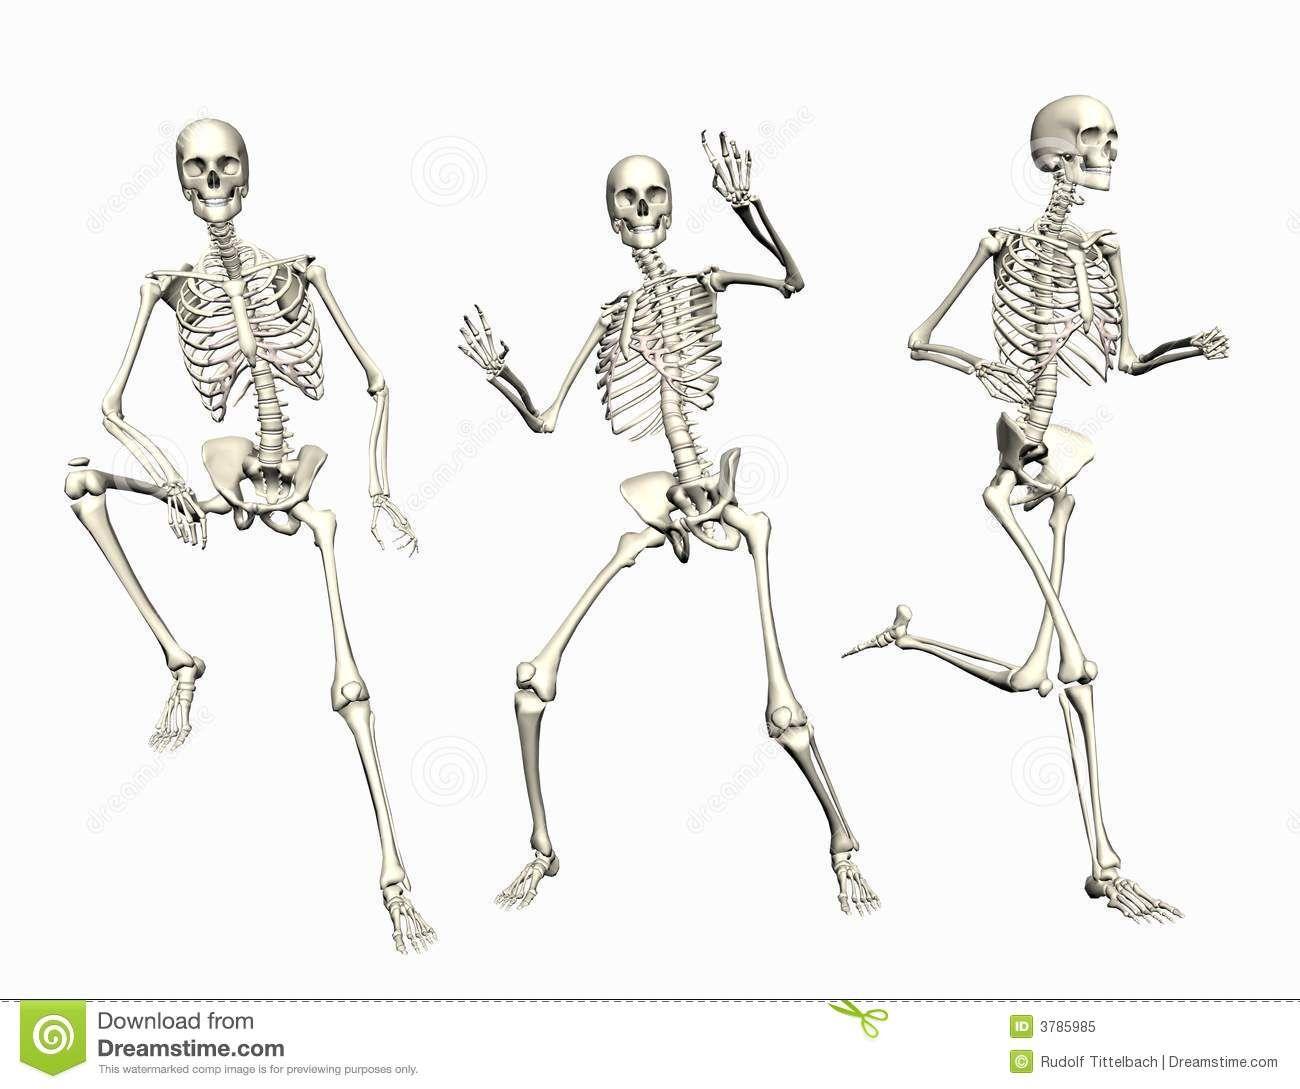 Pin de geusilaine em Anatomia em 2019